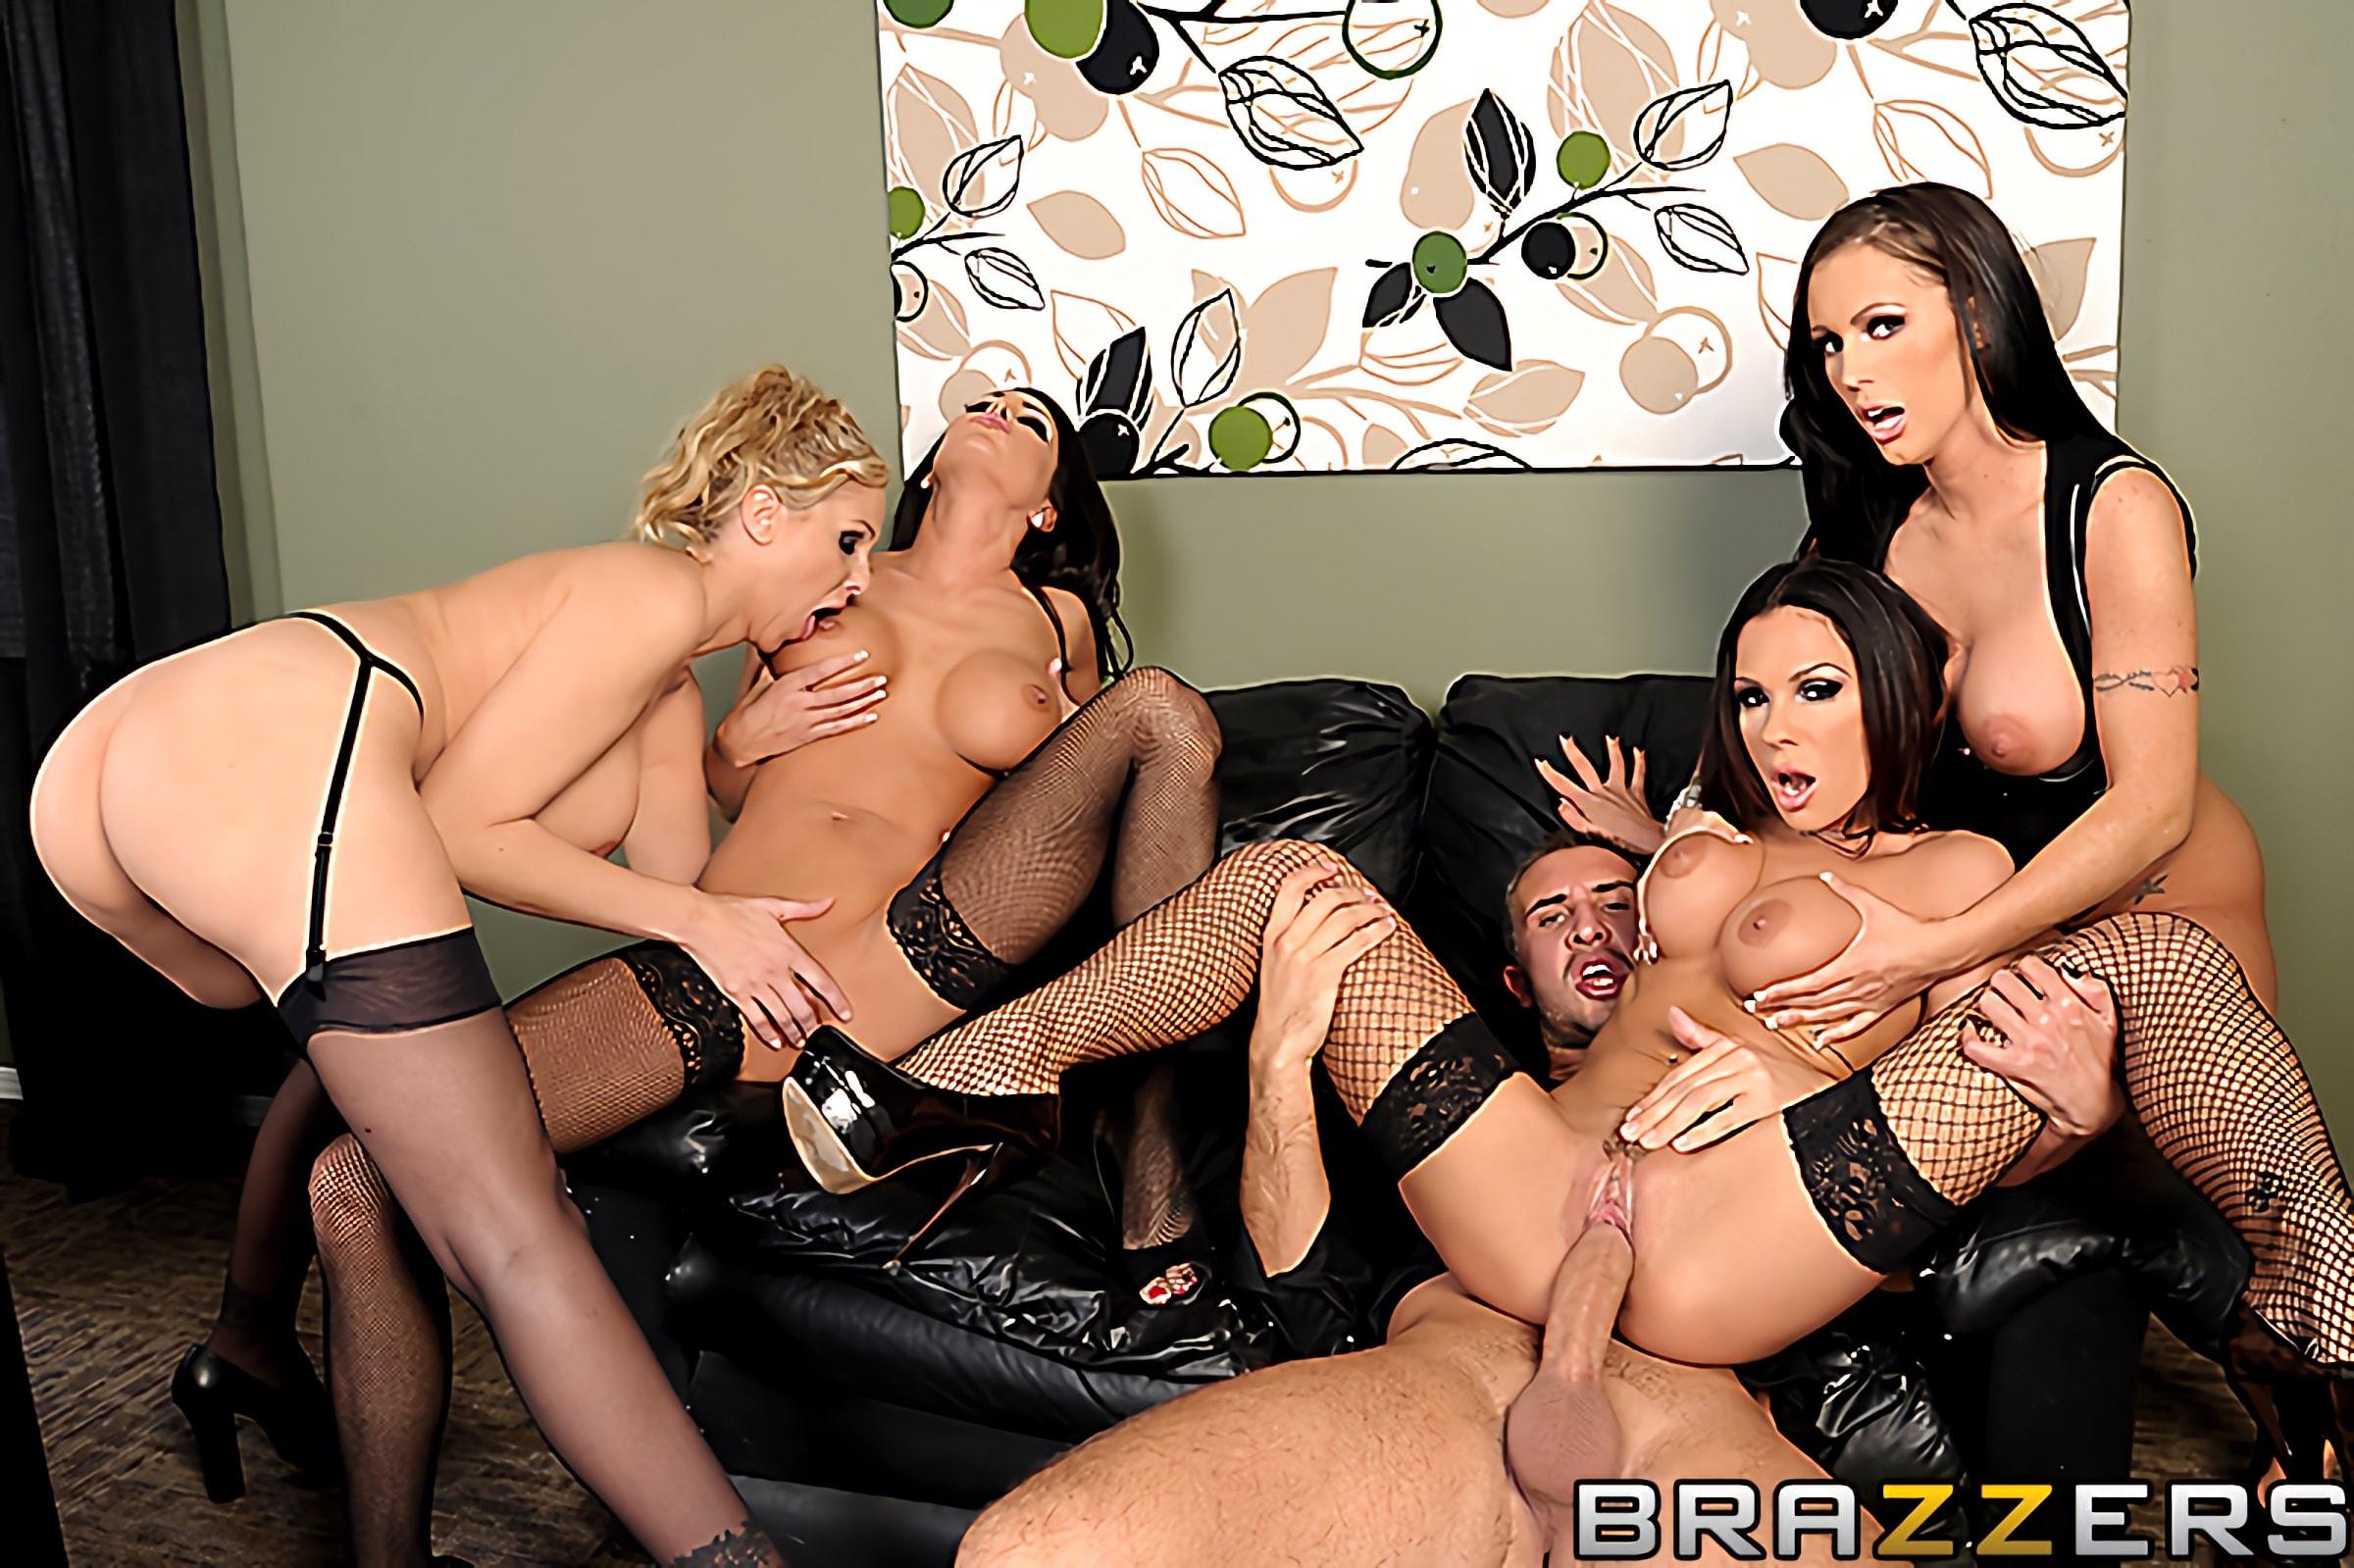 brazzers порно с проституткой